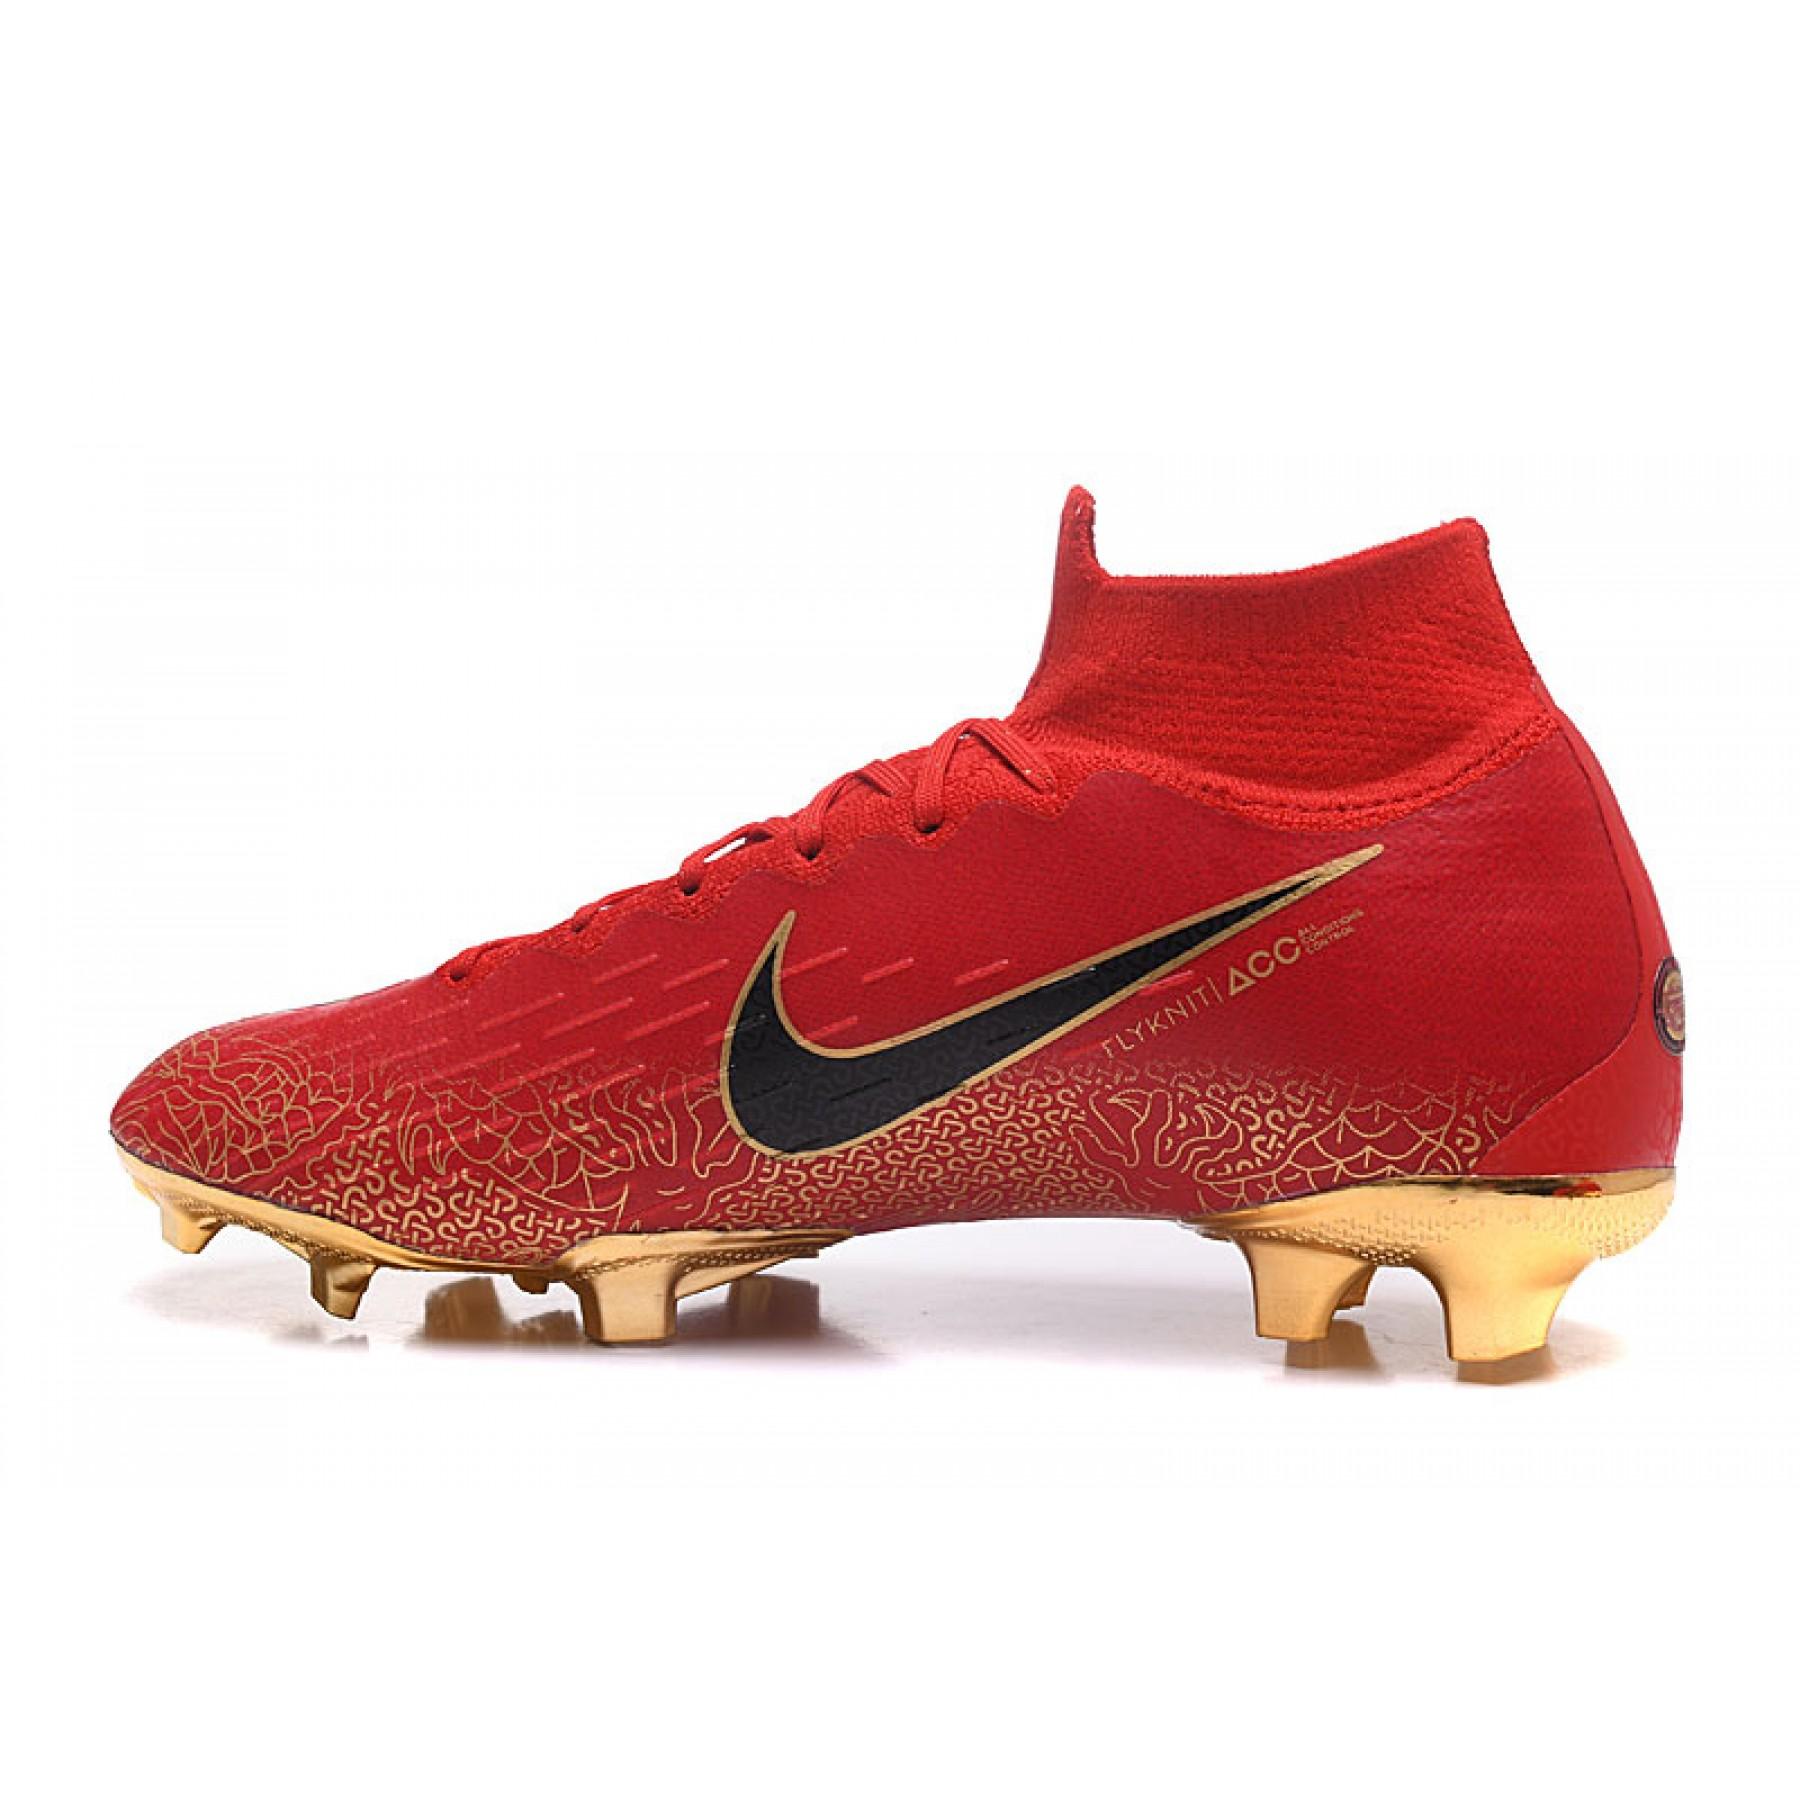 Chuteira Nike Mercurial Superfly IV FG ACC Vermelho e Azuk Violeta 1034 97c78e08015be